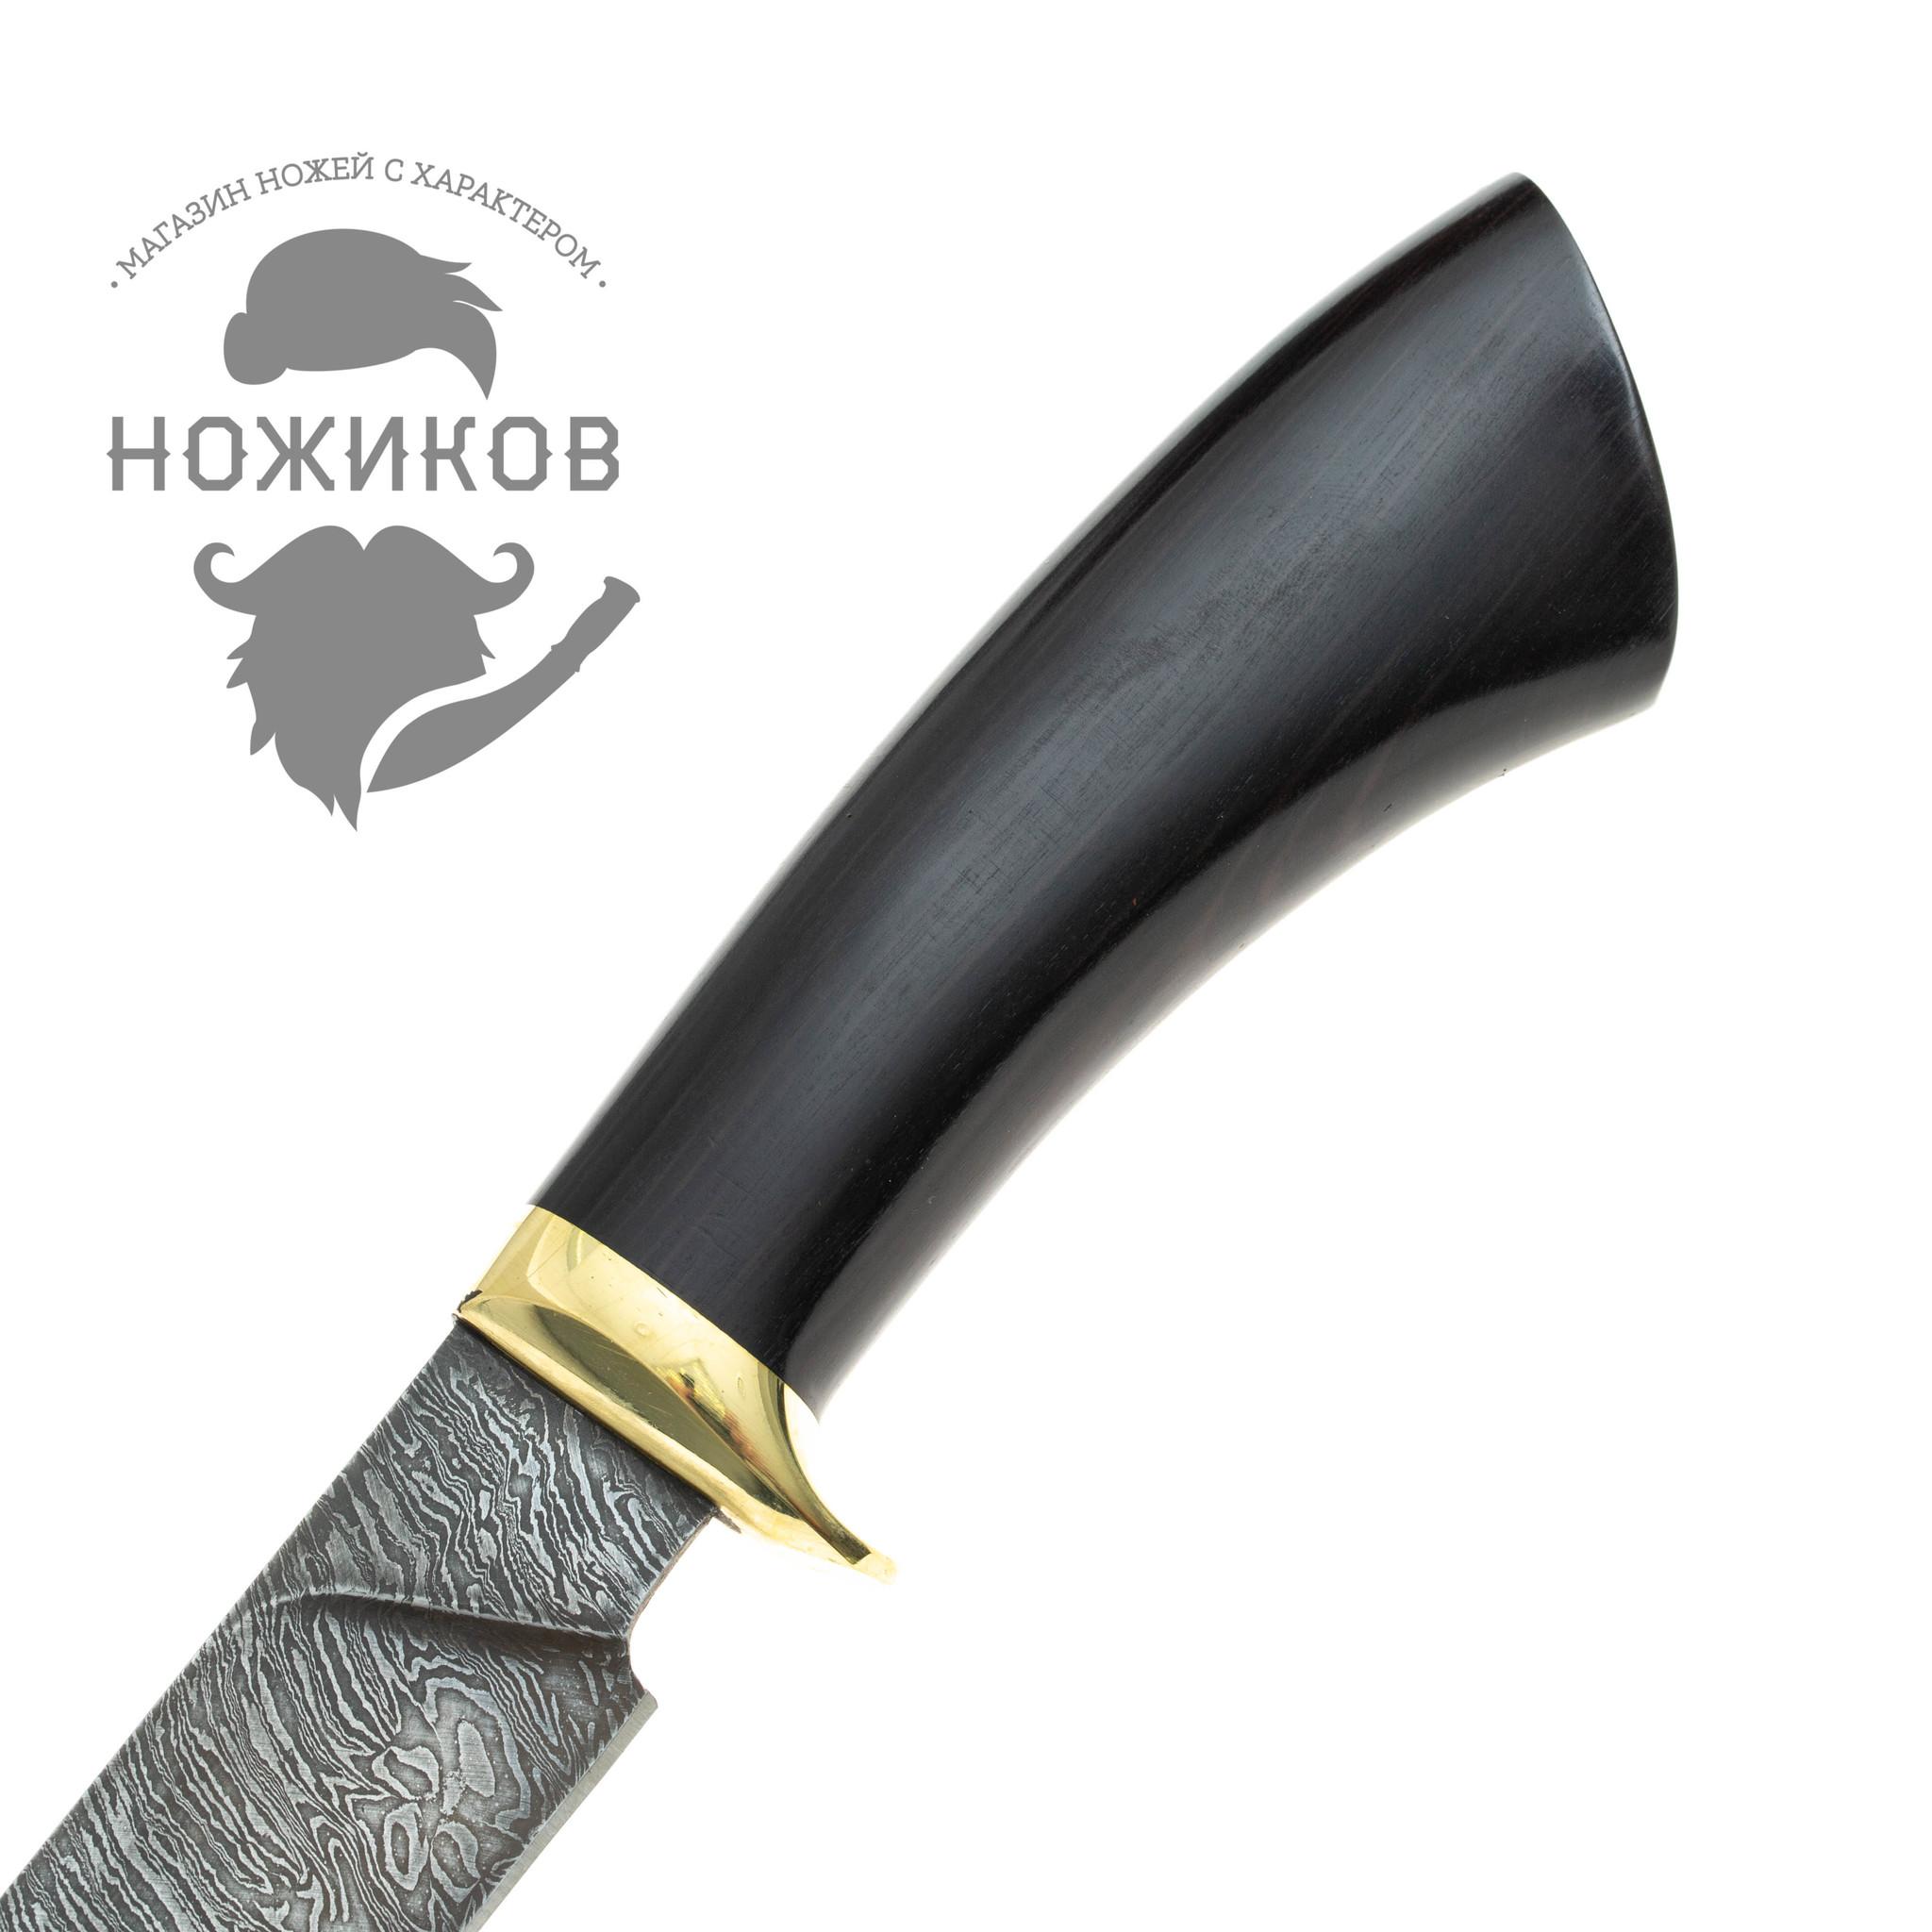 Фото 11 - Нож Чингизхан, дамасская сталь от Промтехснаб